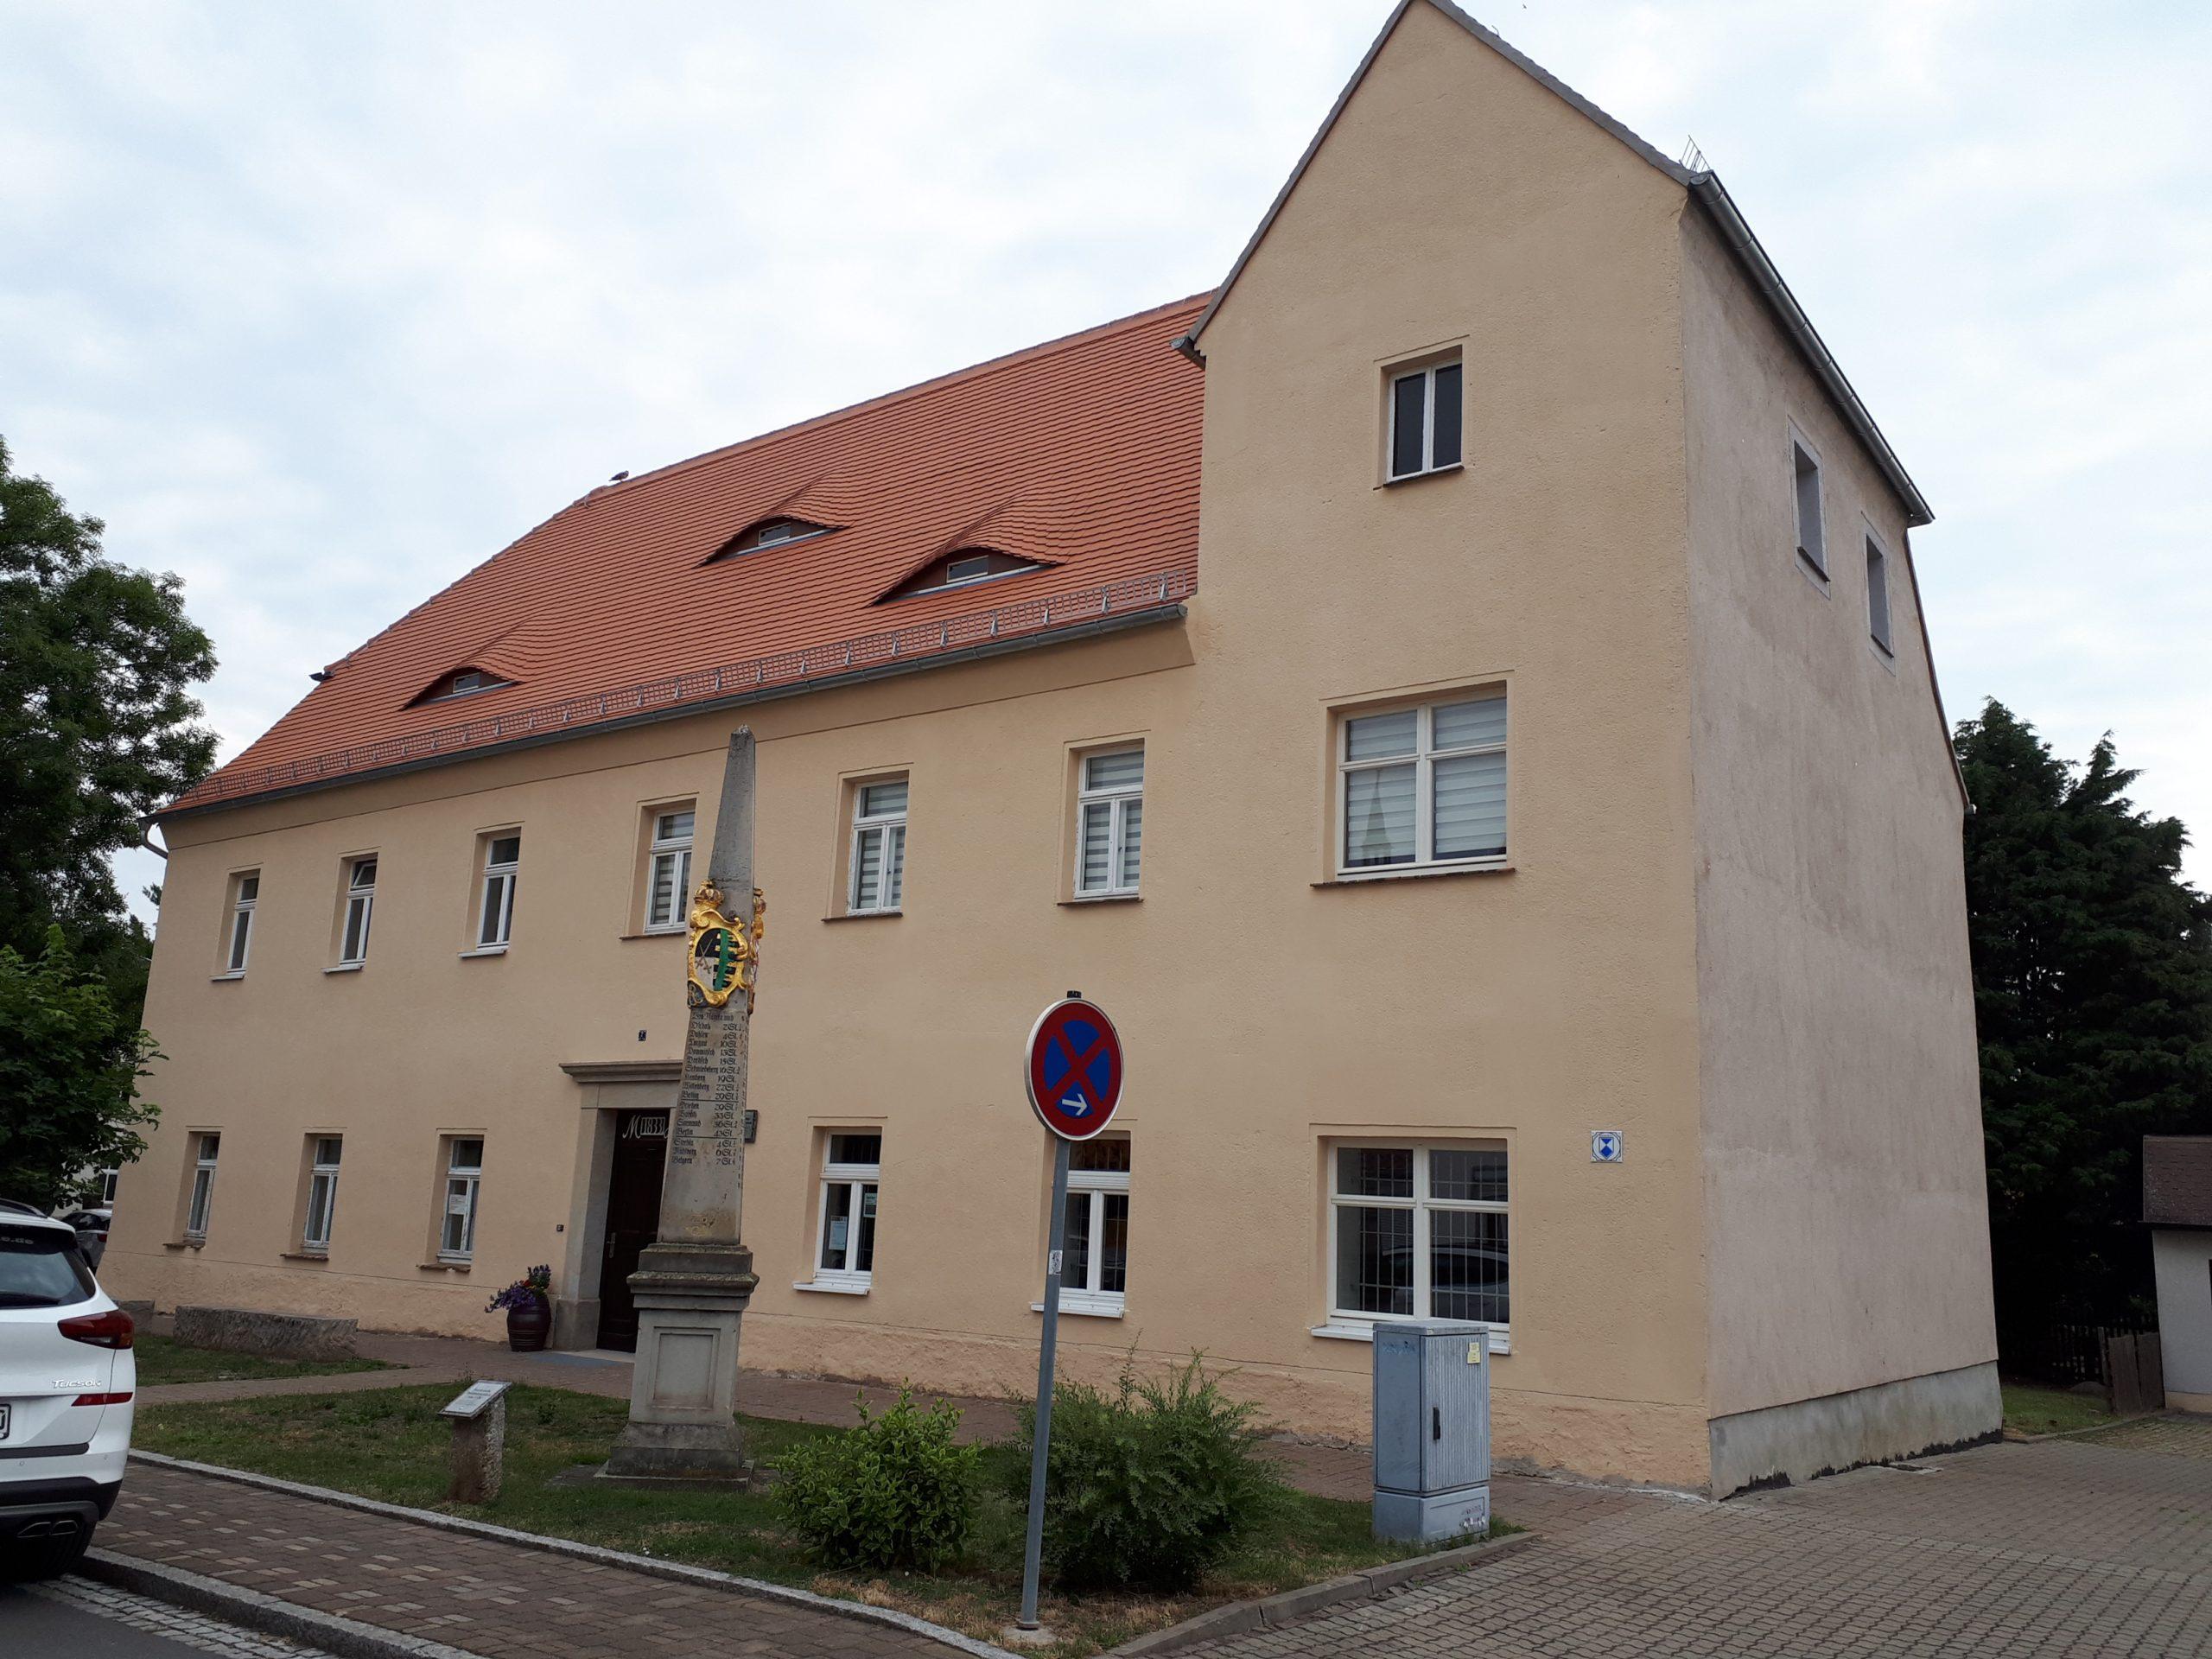 Ausstellung zur Industriekultur Mügelns im Heimatmuseum Mügeln – 05.09., 14.00–17.00 Uhr